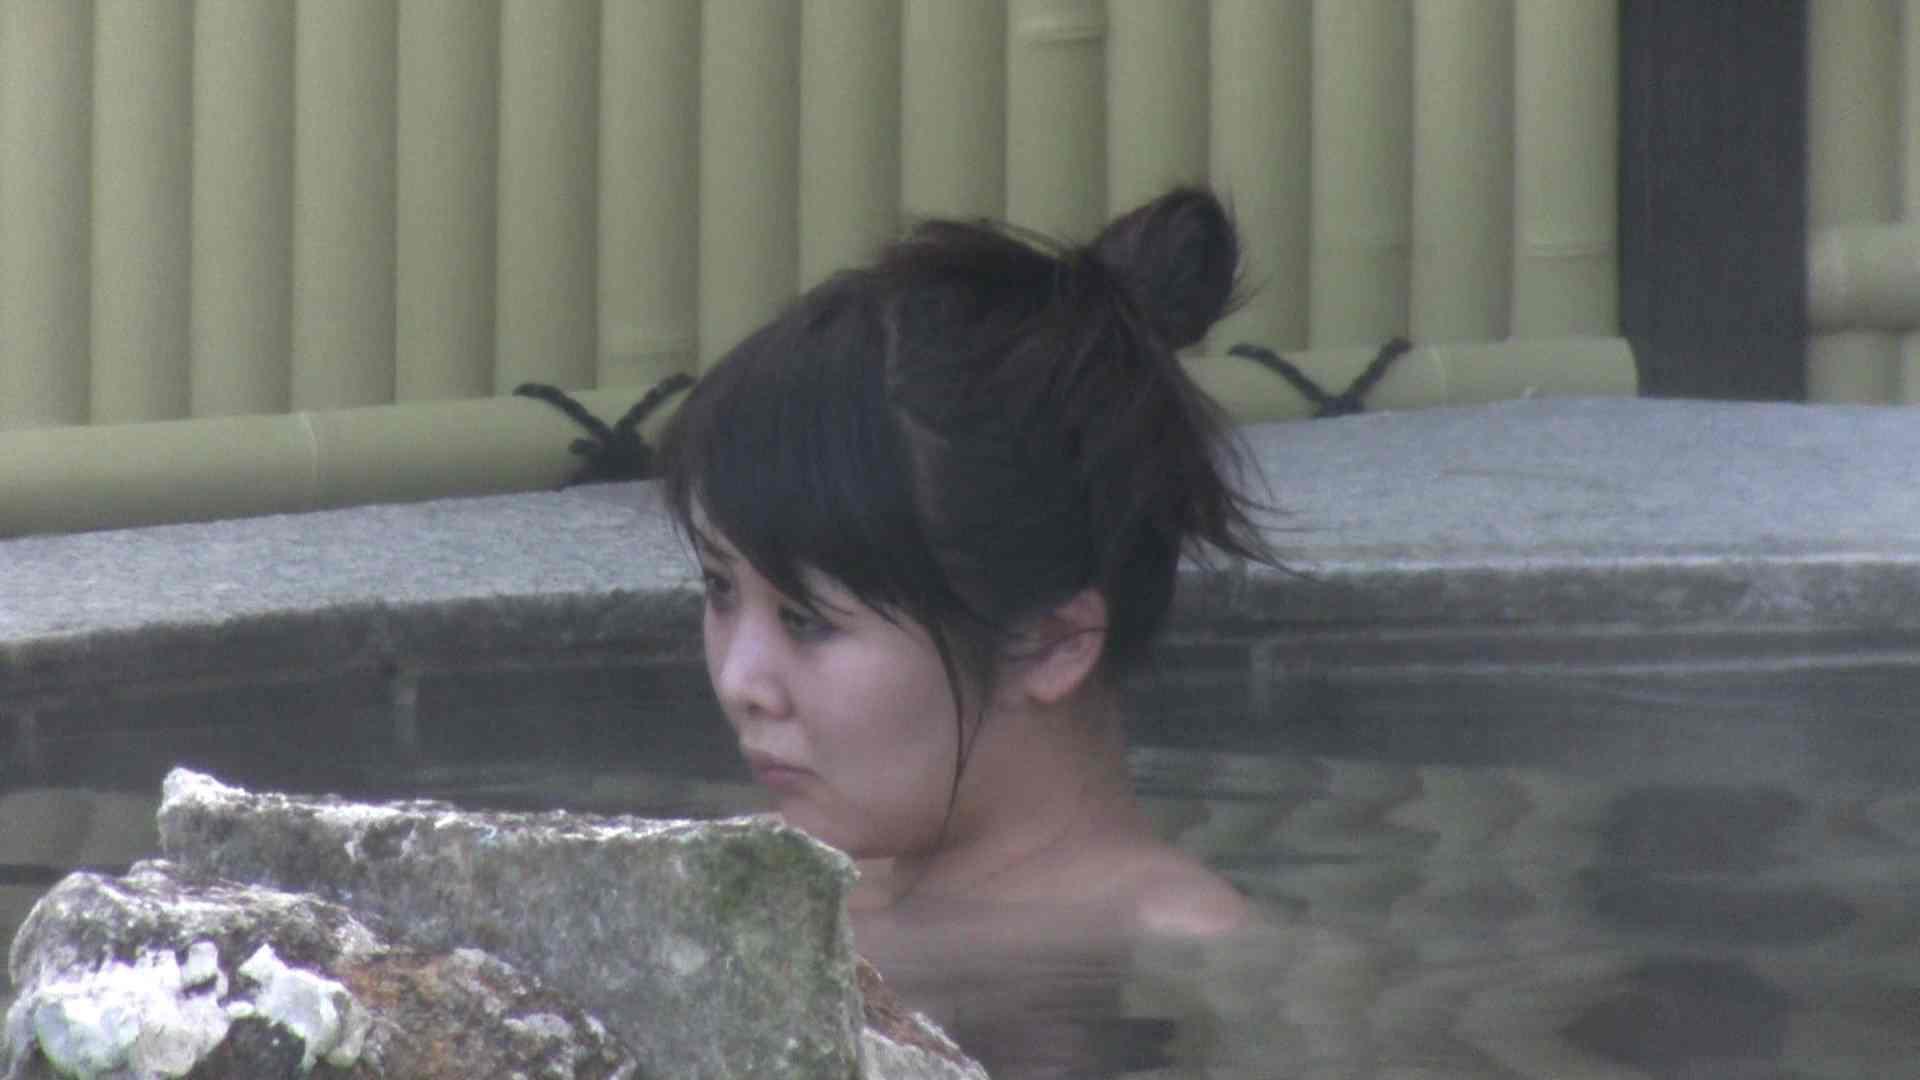 Aquaな露天風呂Vol.118 0  84pic 40